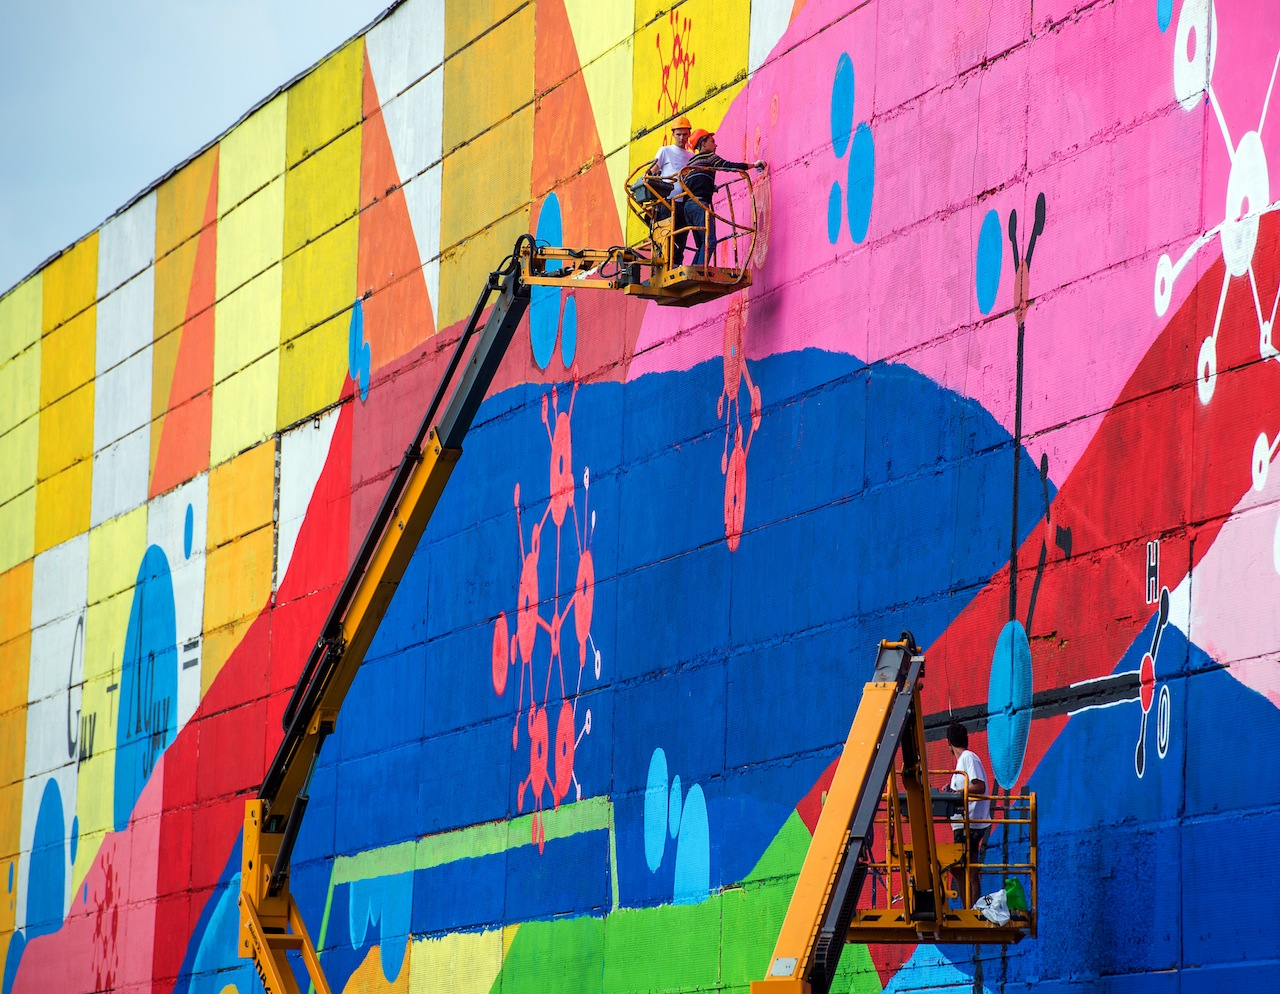 В Москве появились граффити к ЧМ-2018